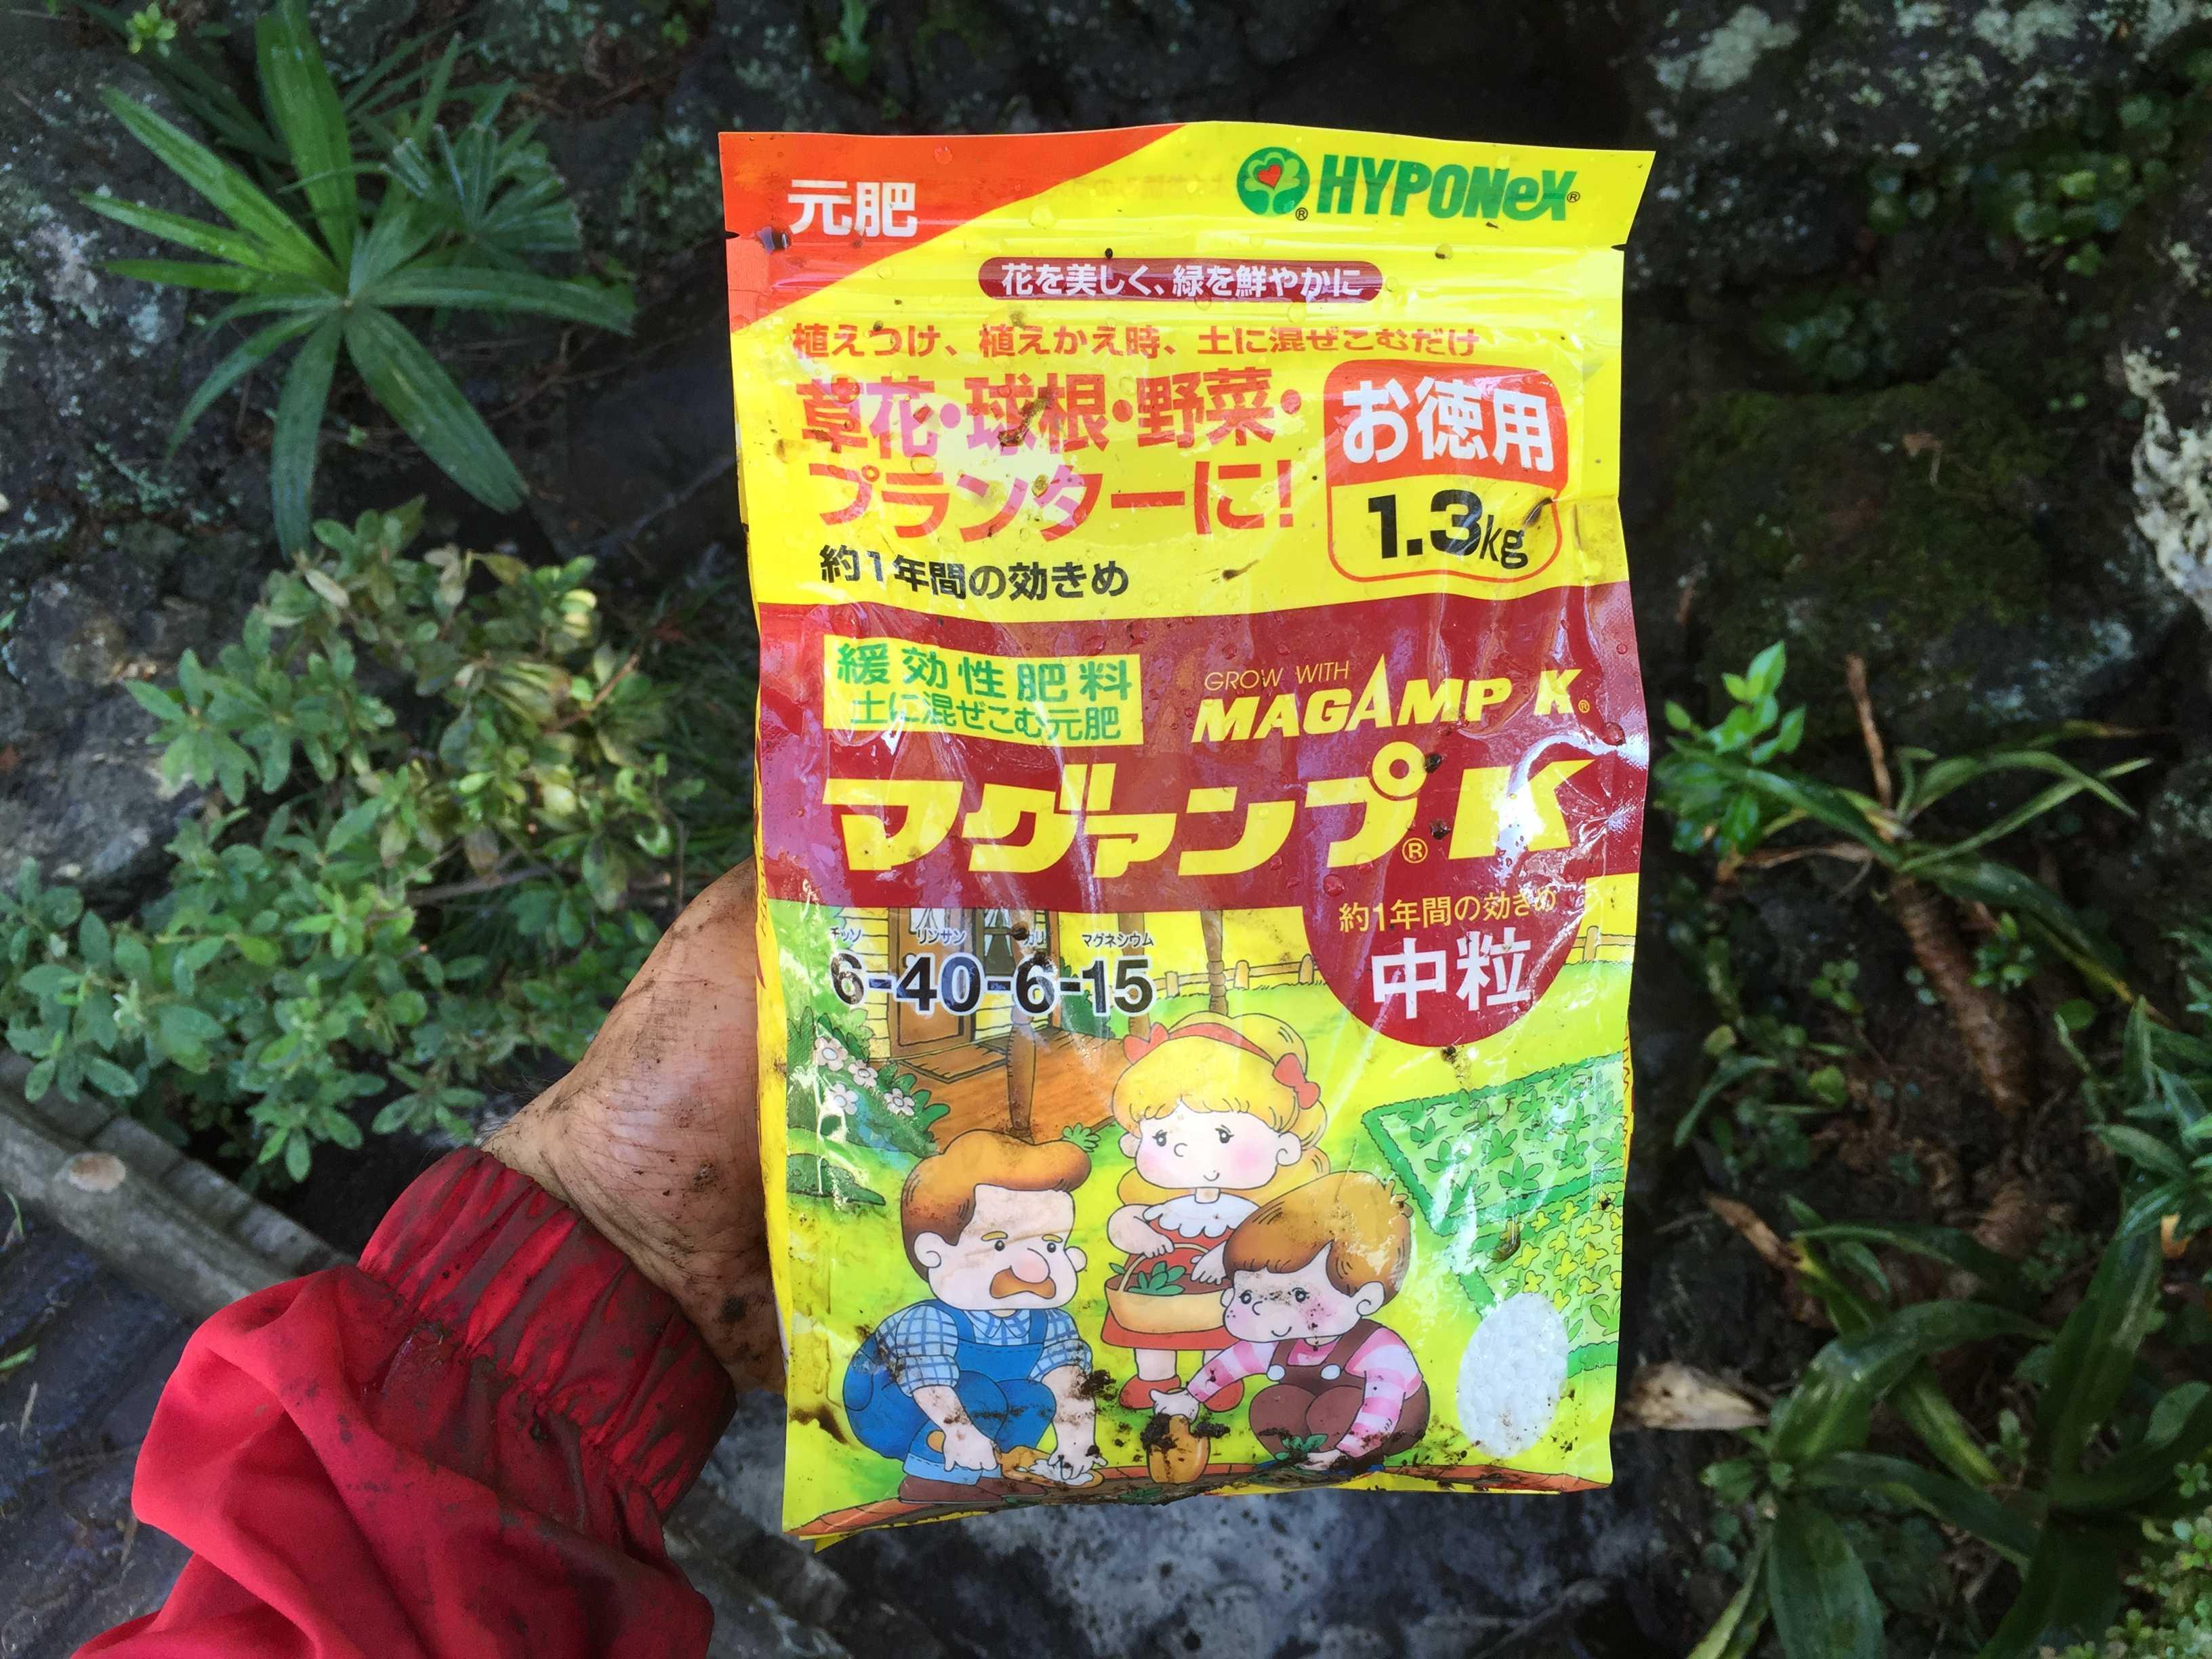 ヤマユリの球根植え付け - リン酸主体の緩効性肥料 マグァンプK(MAGAMP K)